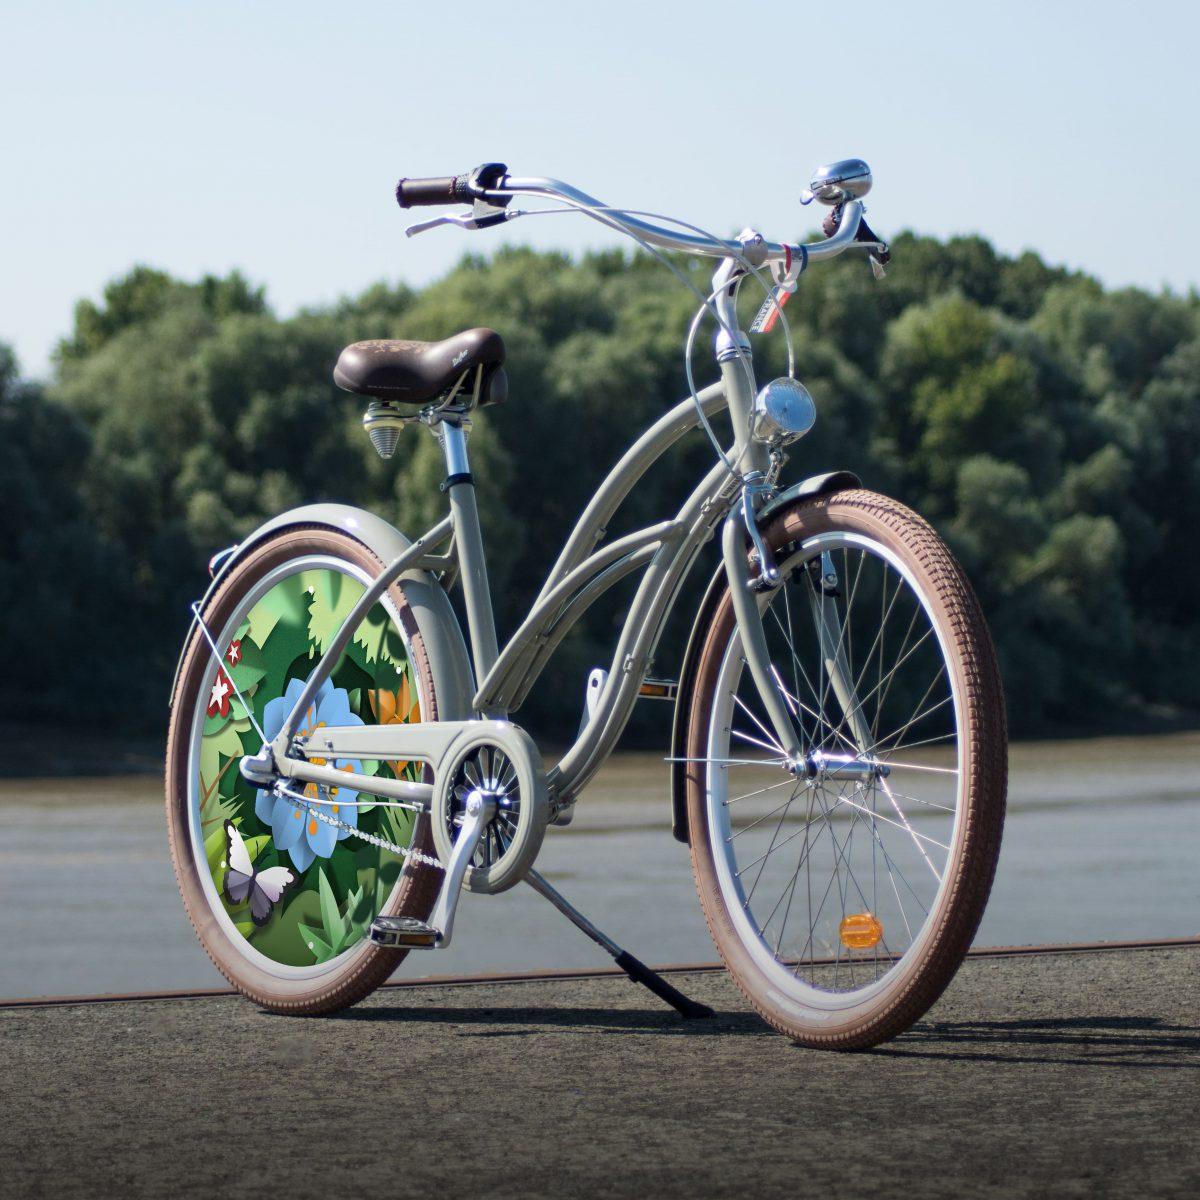 Vélo Cruiser Coaster de la collection Canopée. Un design fleuri pour un vélo de ville agréable à conduire et au look hollandais indémodable